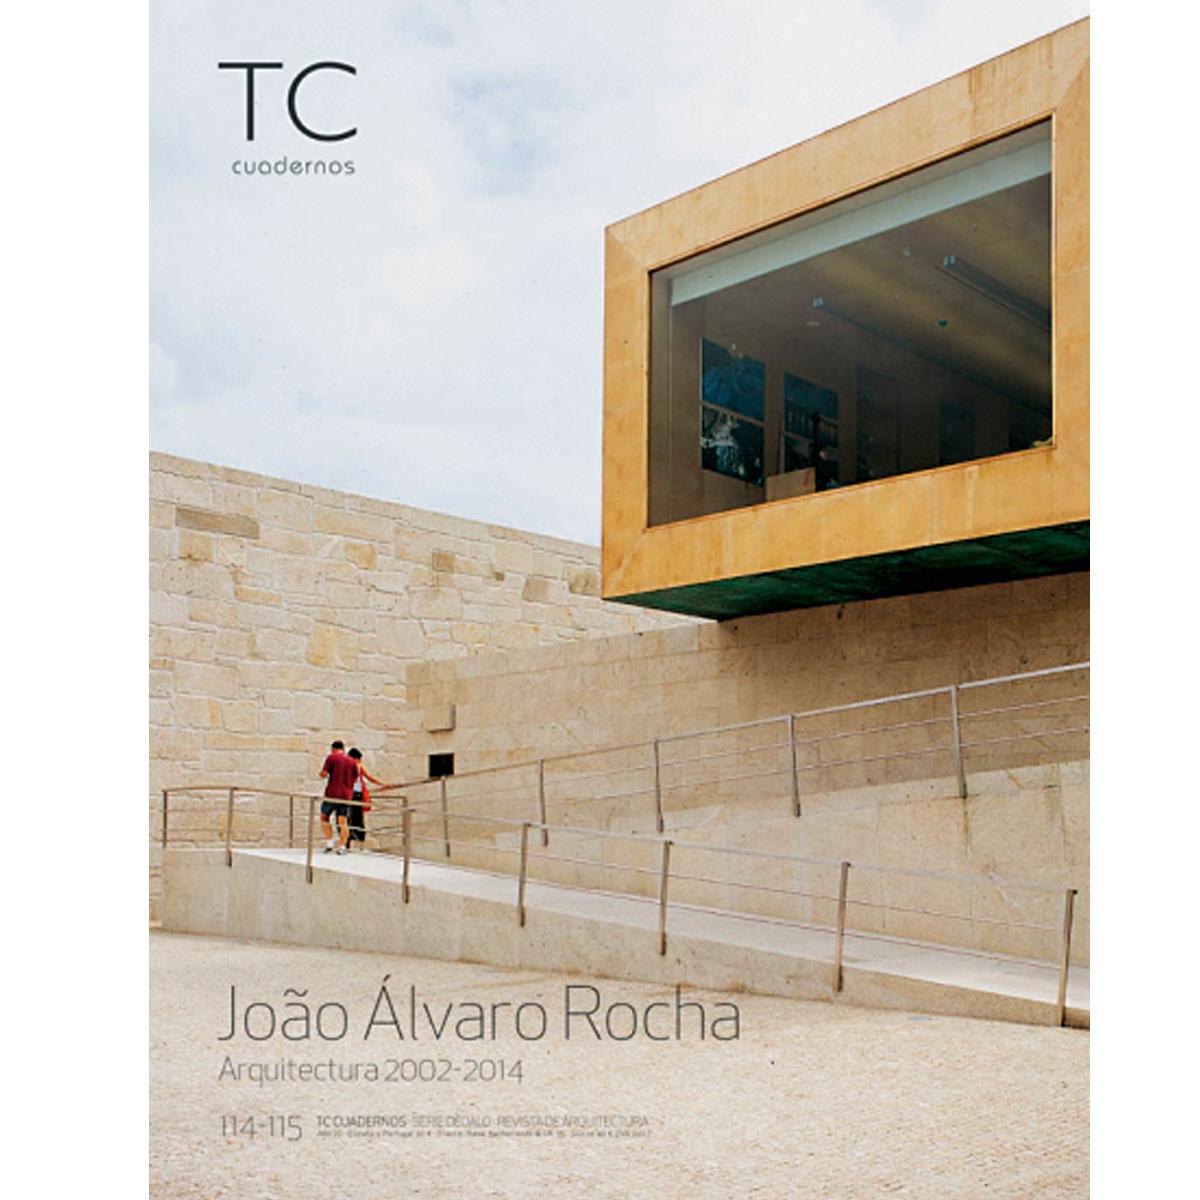 TC Cuadernos: João Álvaro Rocha